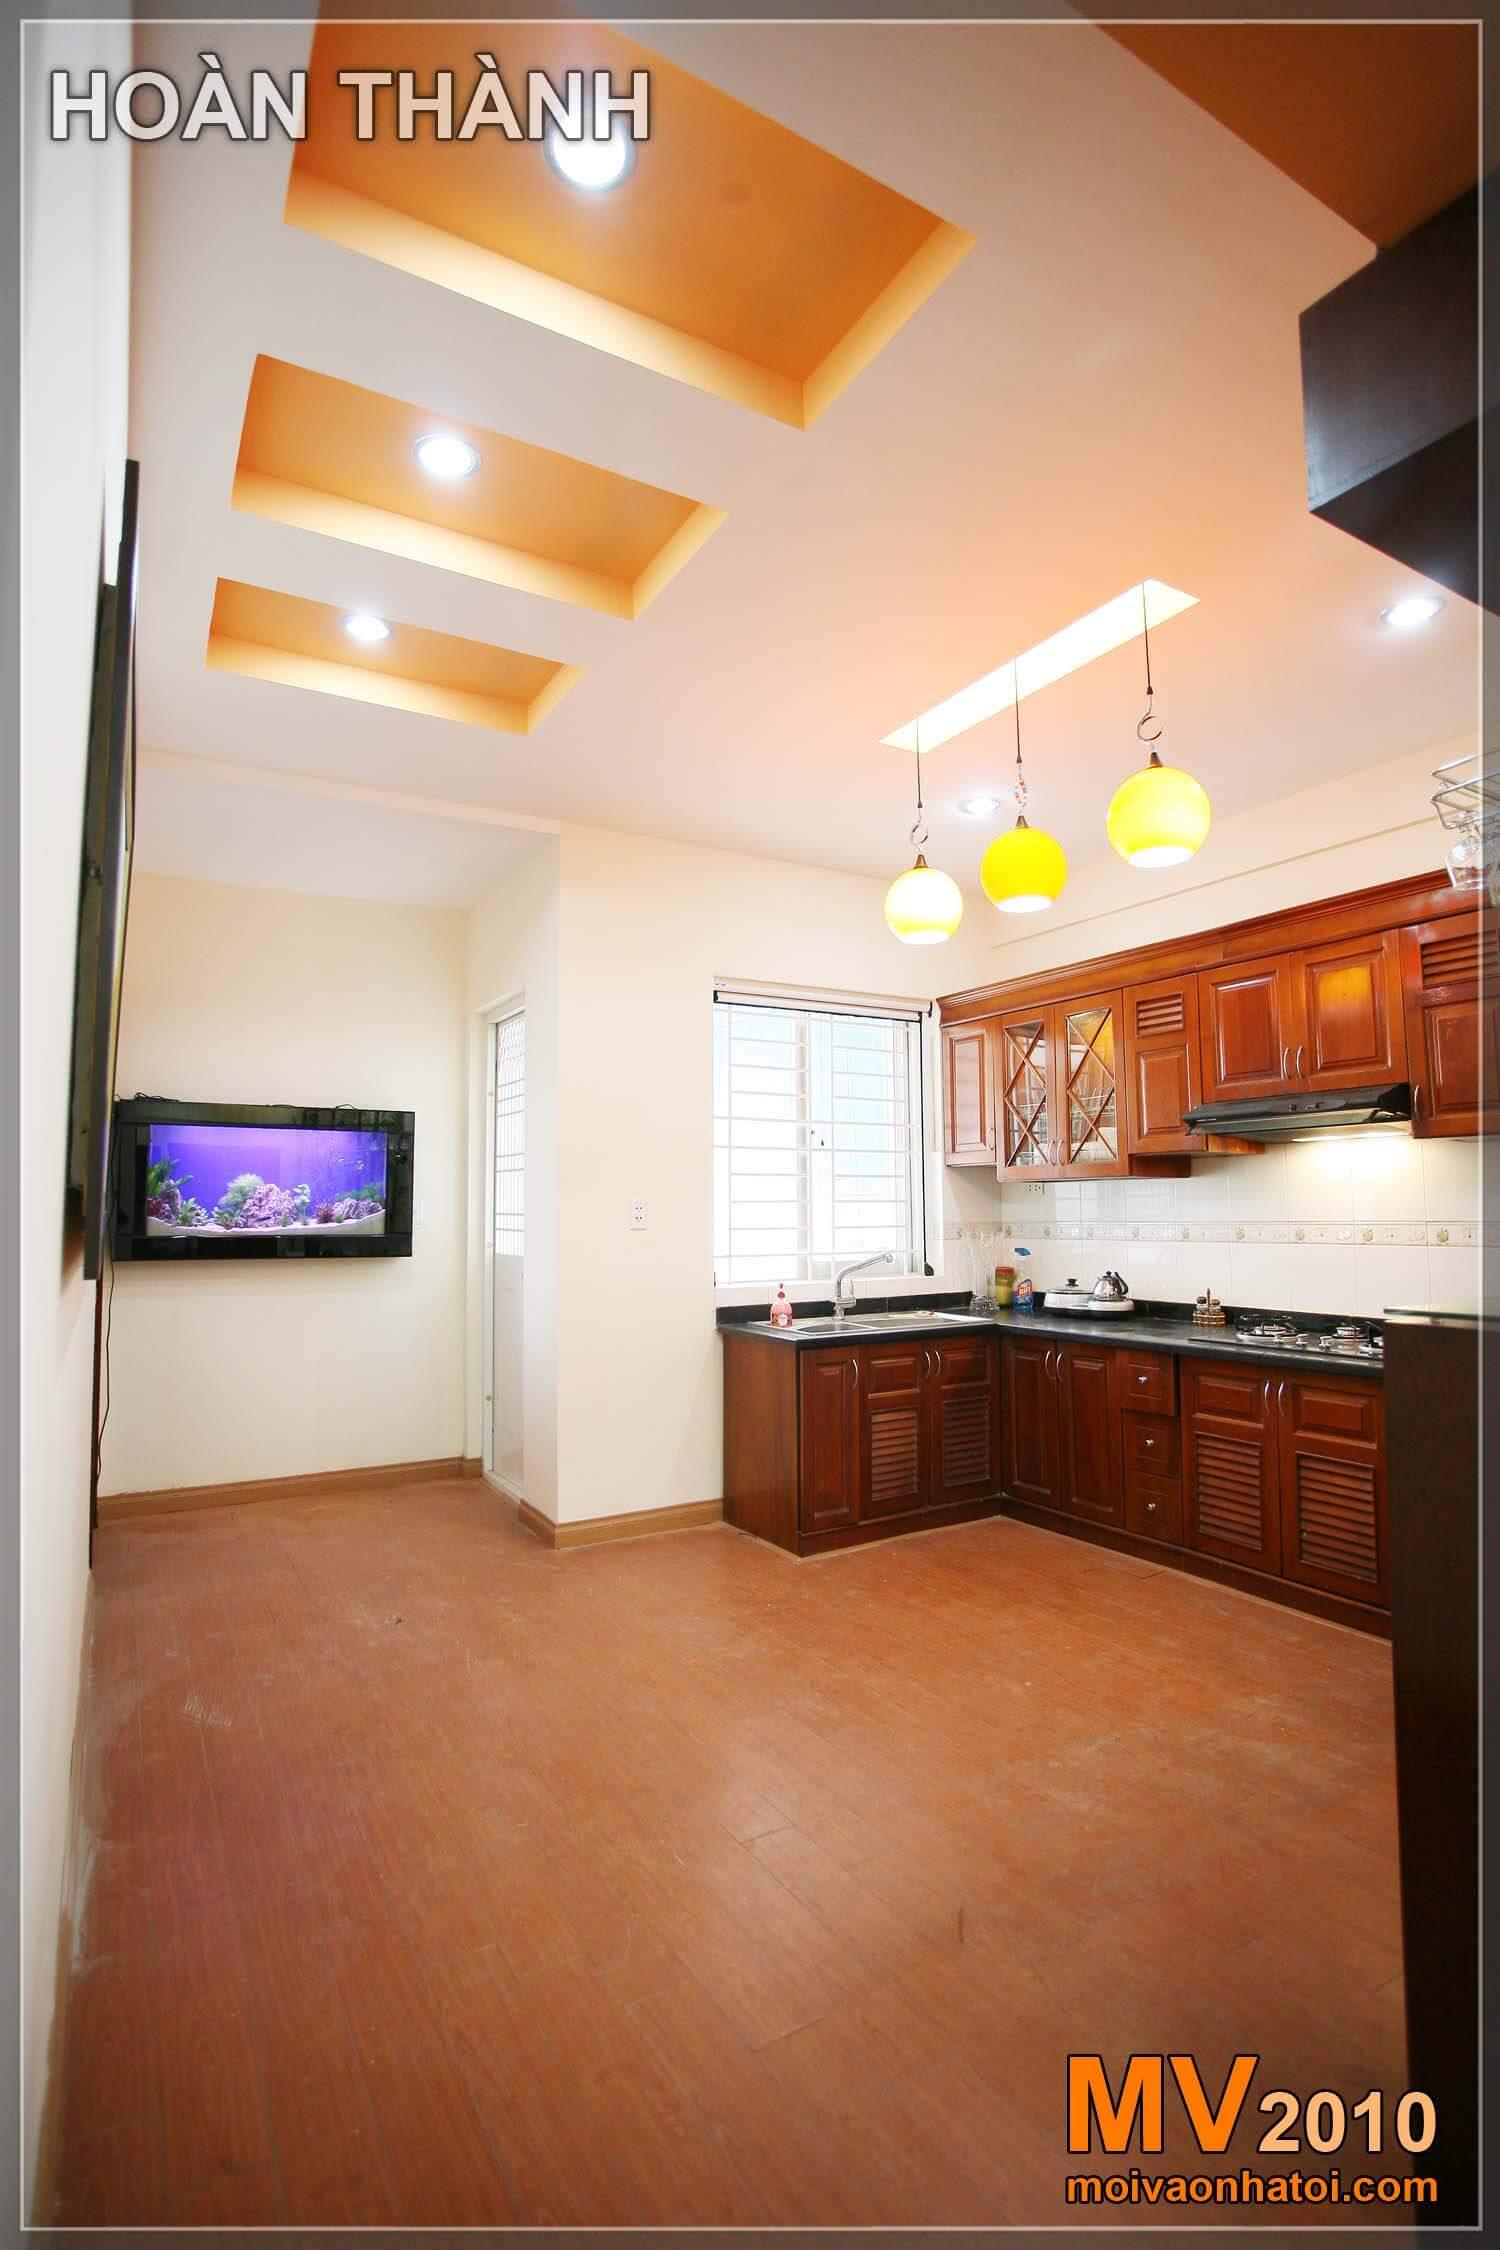 Phòng bếp đẹp và sinh động hơn với trần thạch cao và cách bố trí ánh sáng